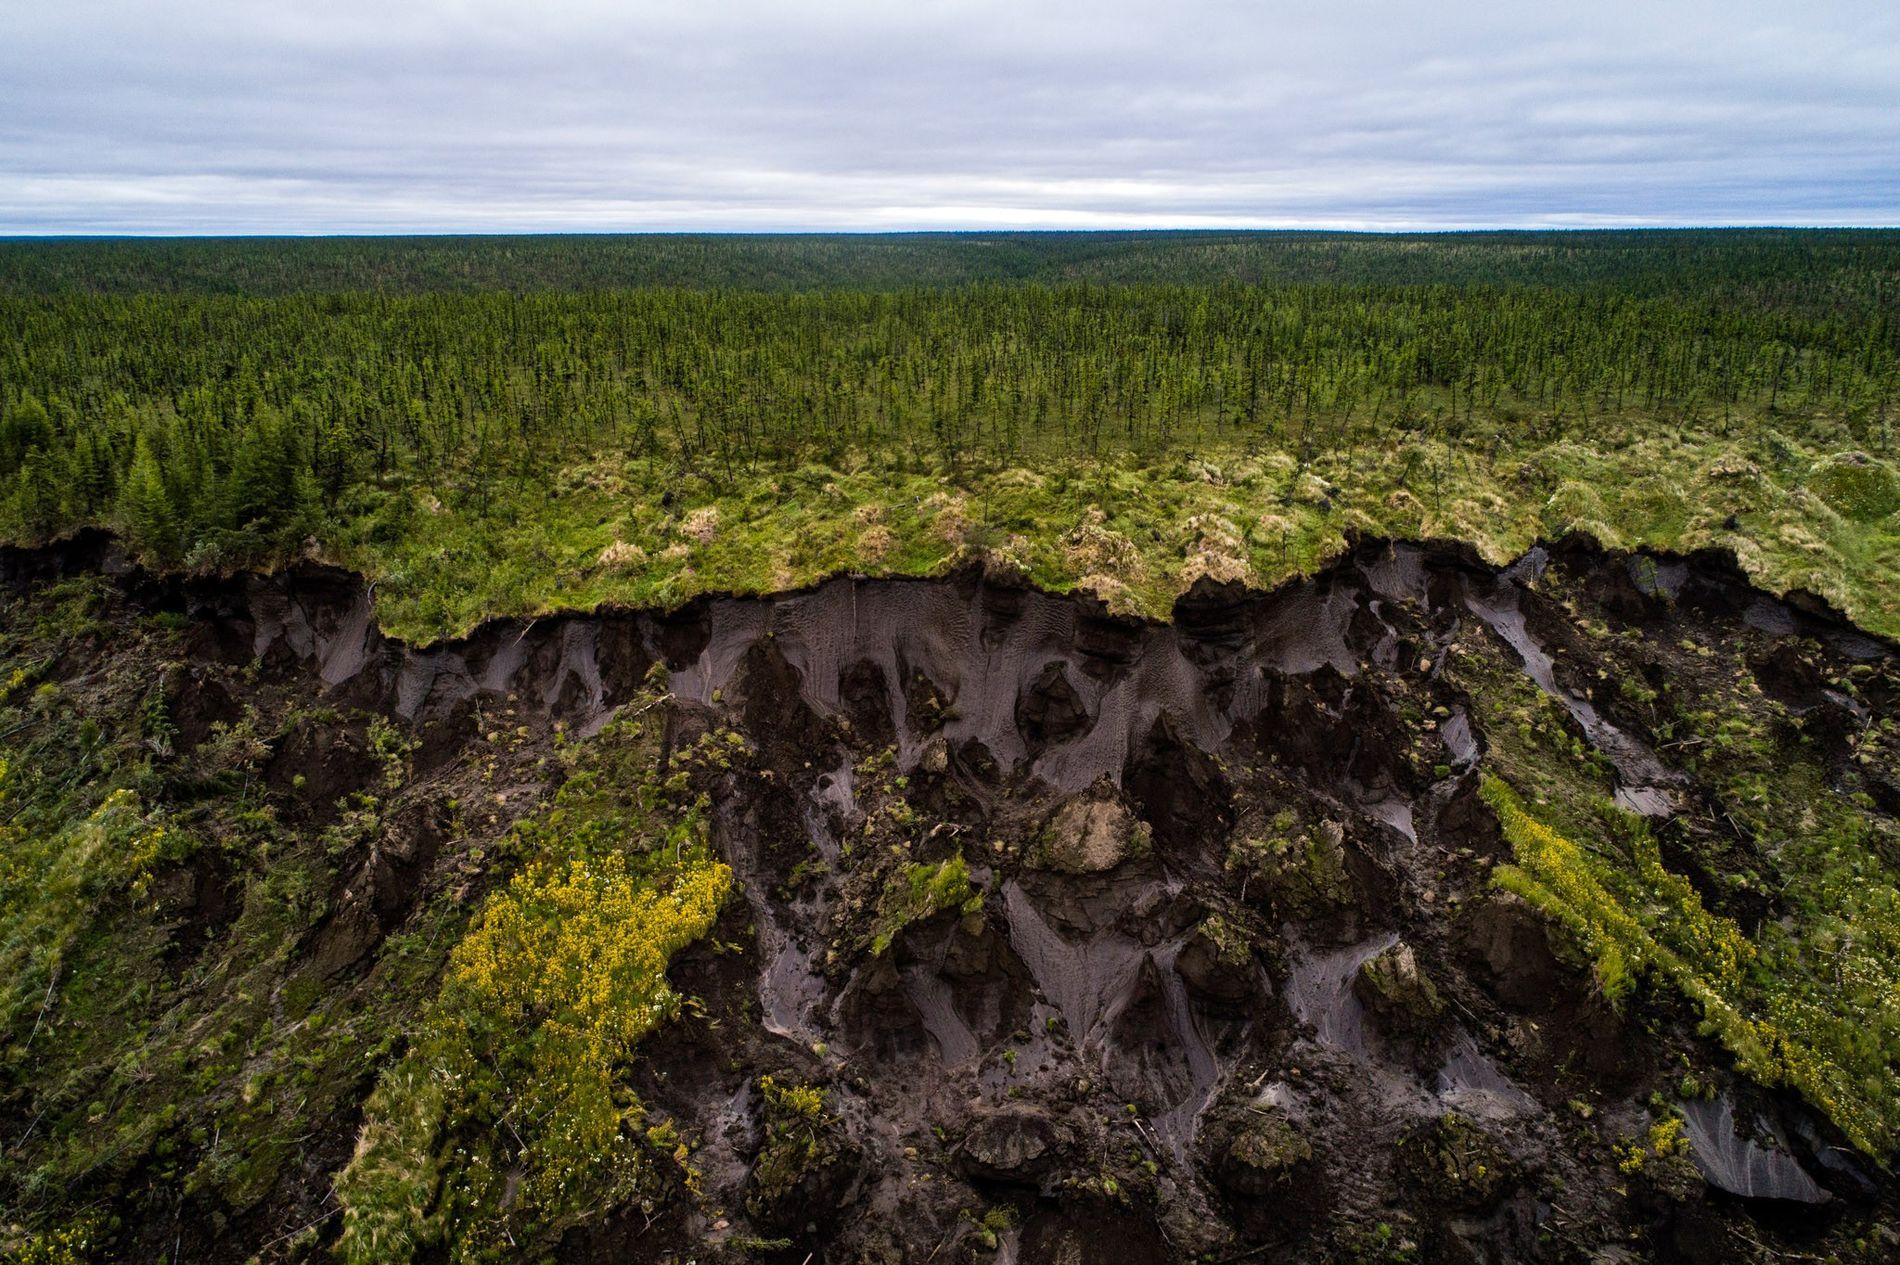 El suelo colapsa en Duvanny Yar, un inmenso cráter con permahielo junto al Río Kolimá en ...